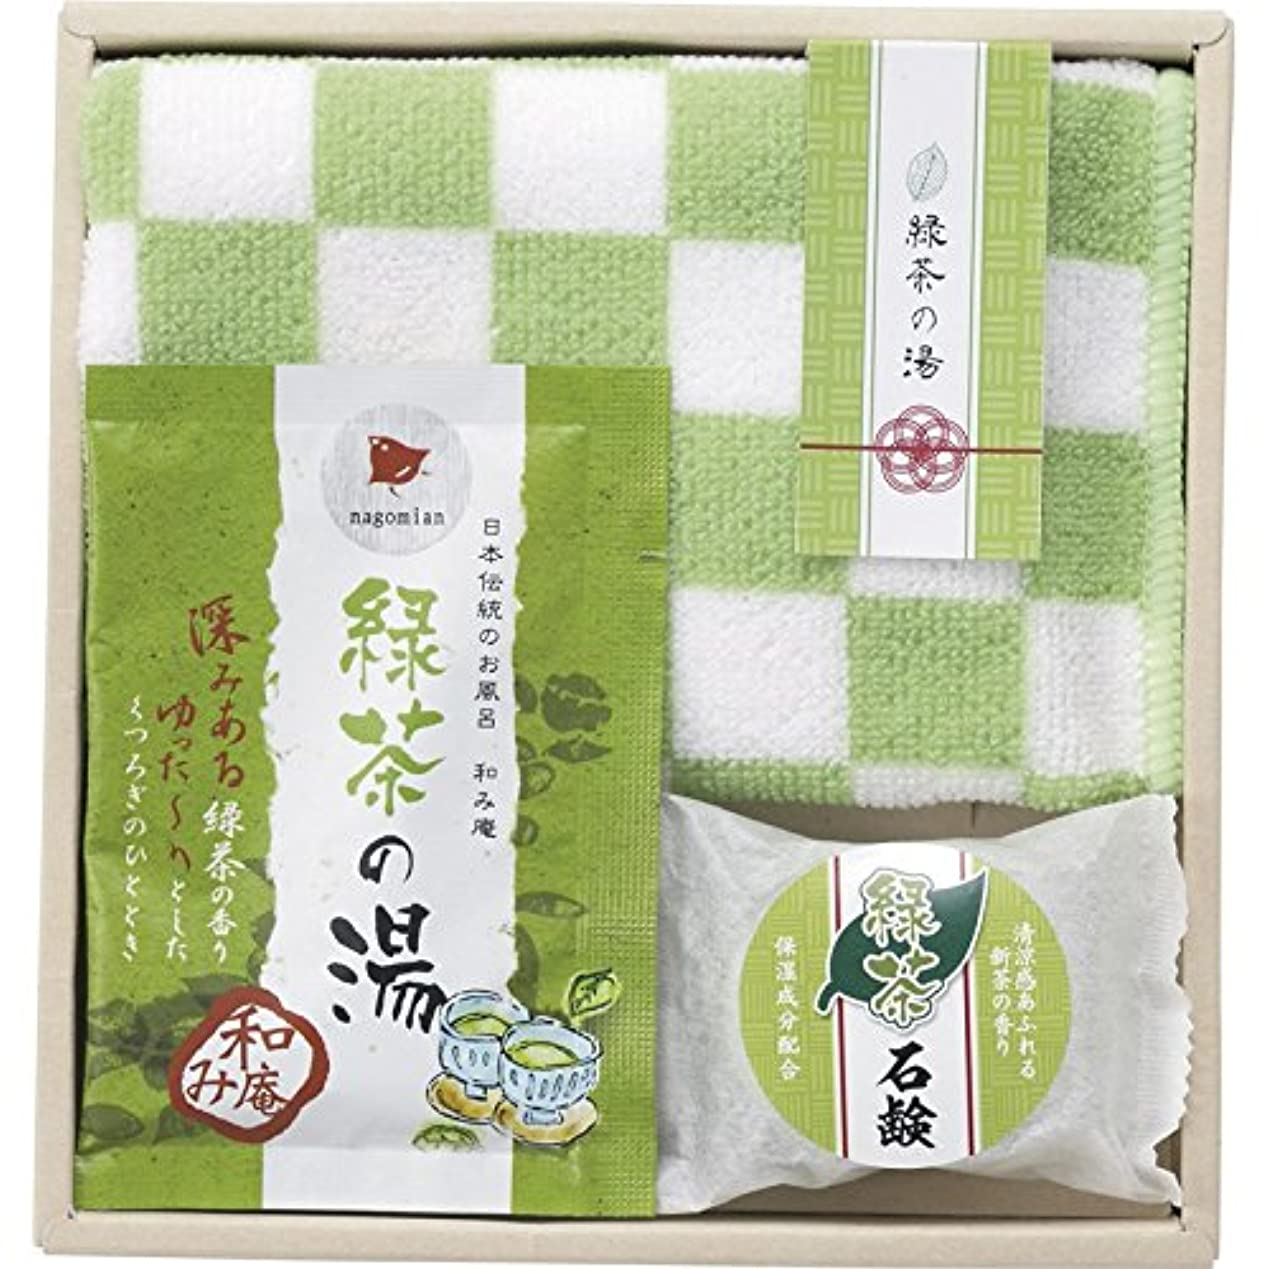 のぞき穴竜巻下品緑茶の湯入浴セット53